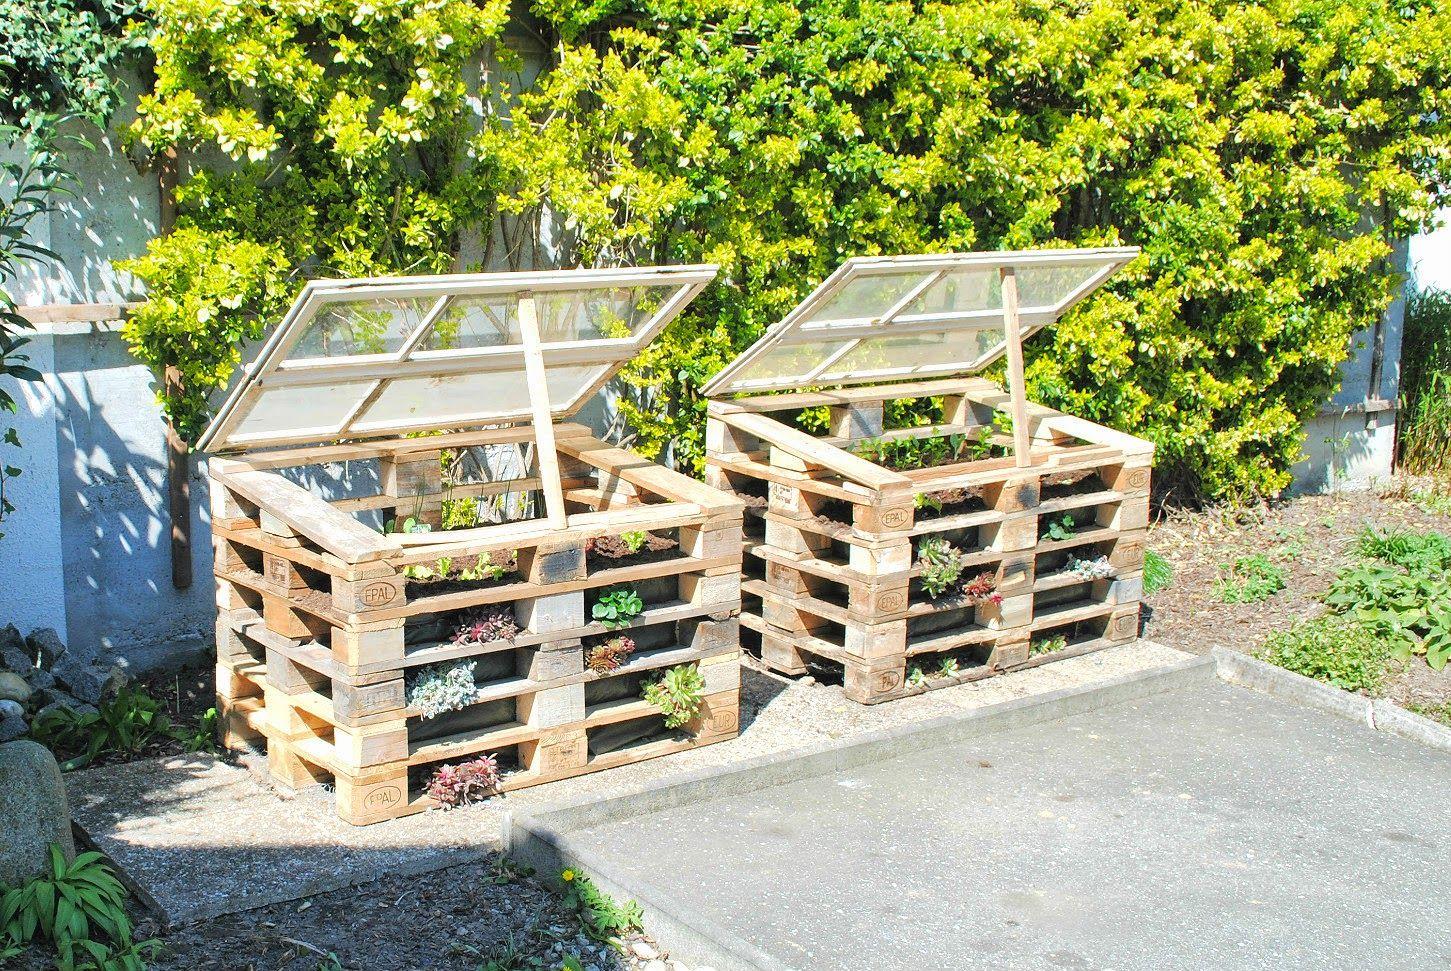 Als Konnte Man Sie Wachsen Horen Garten Hochbeet Paletten Garten Garten